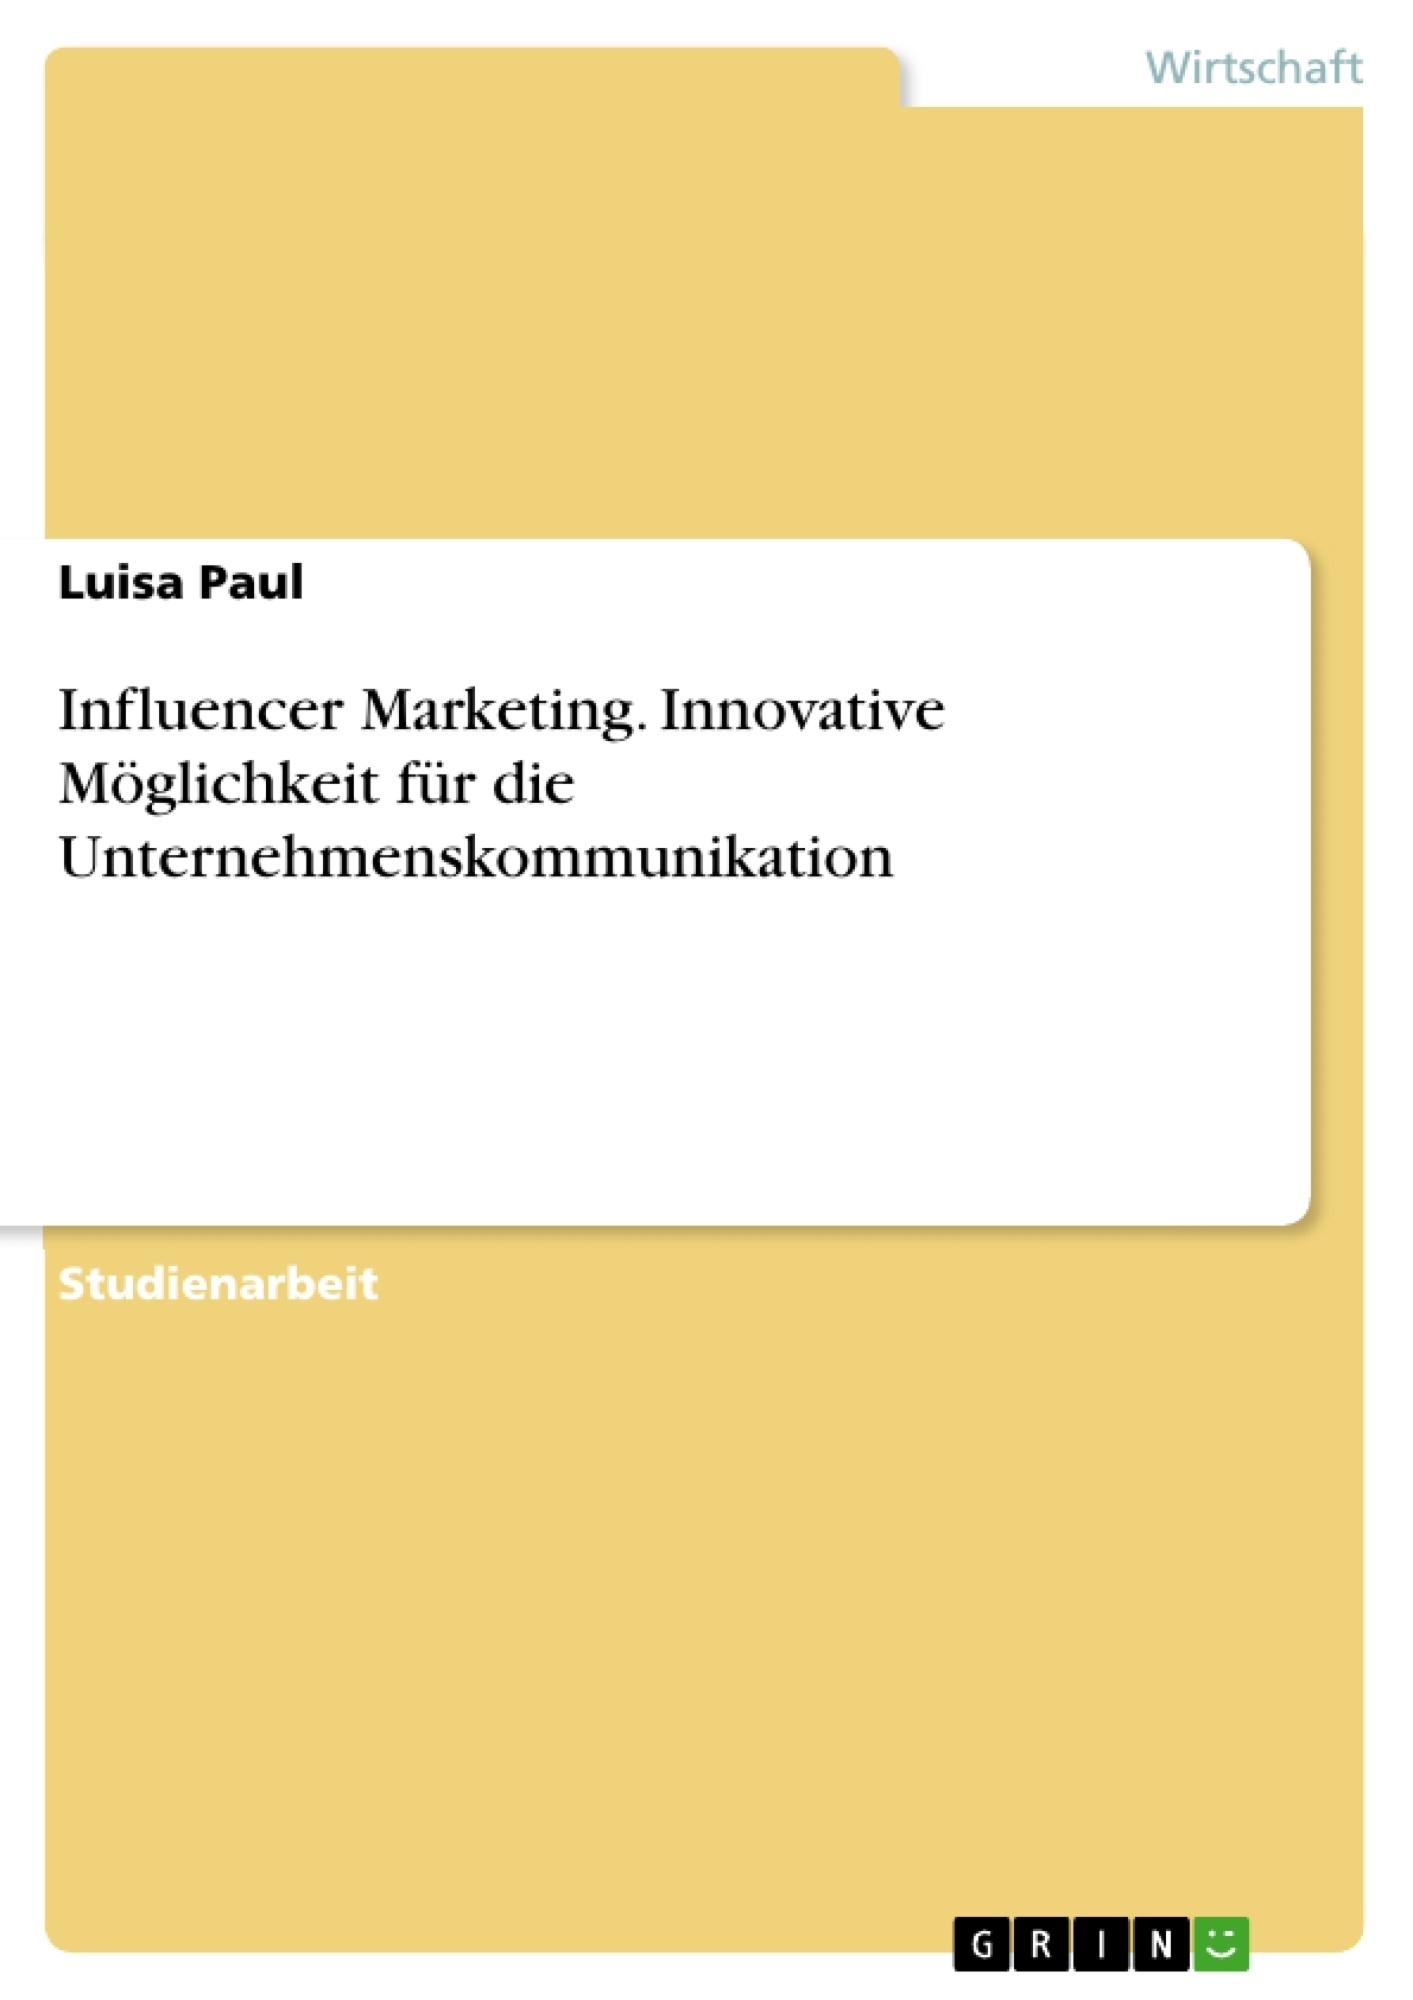 Titel: Influencer Marketing. Innovative Möglichkeit für die Unternehmenskommunikation